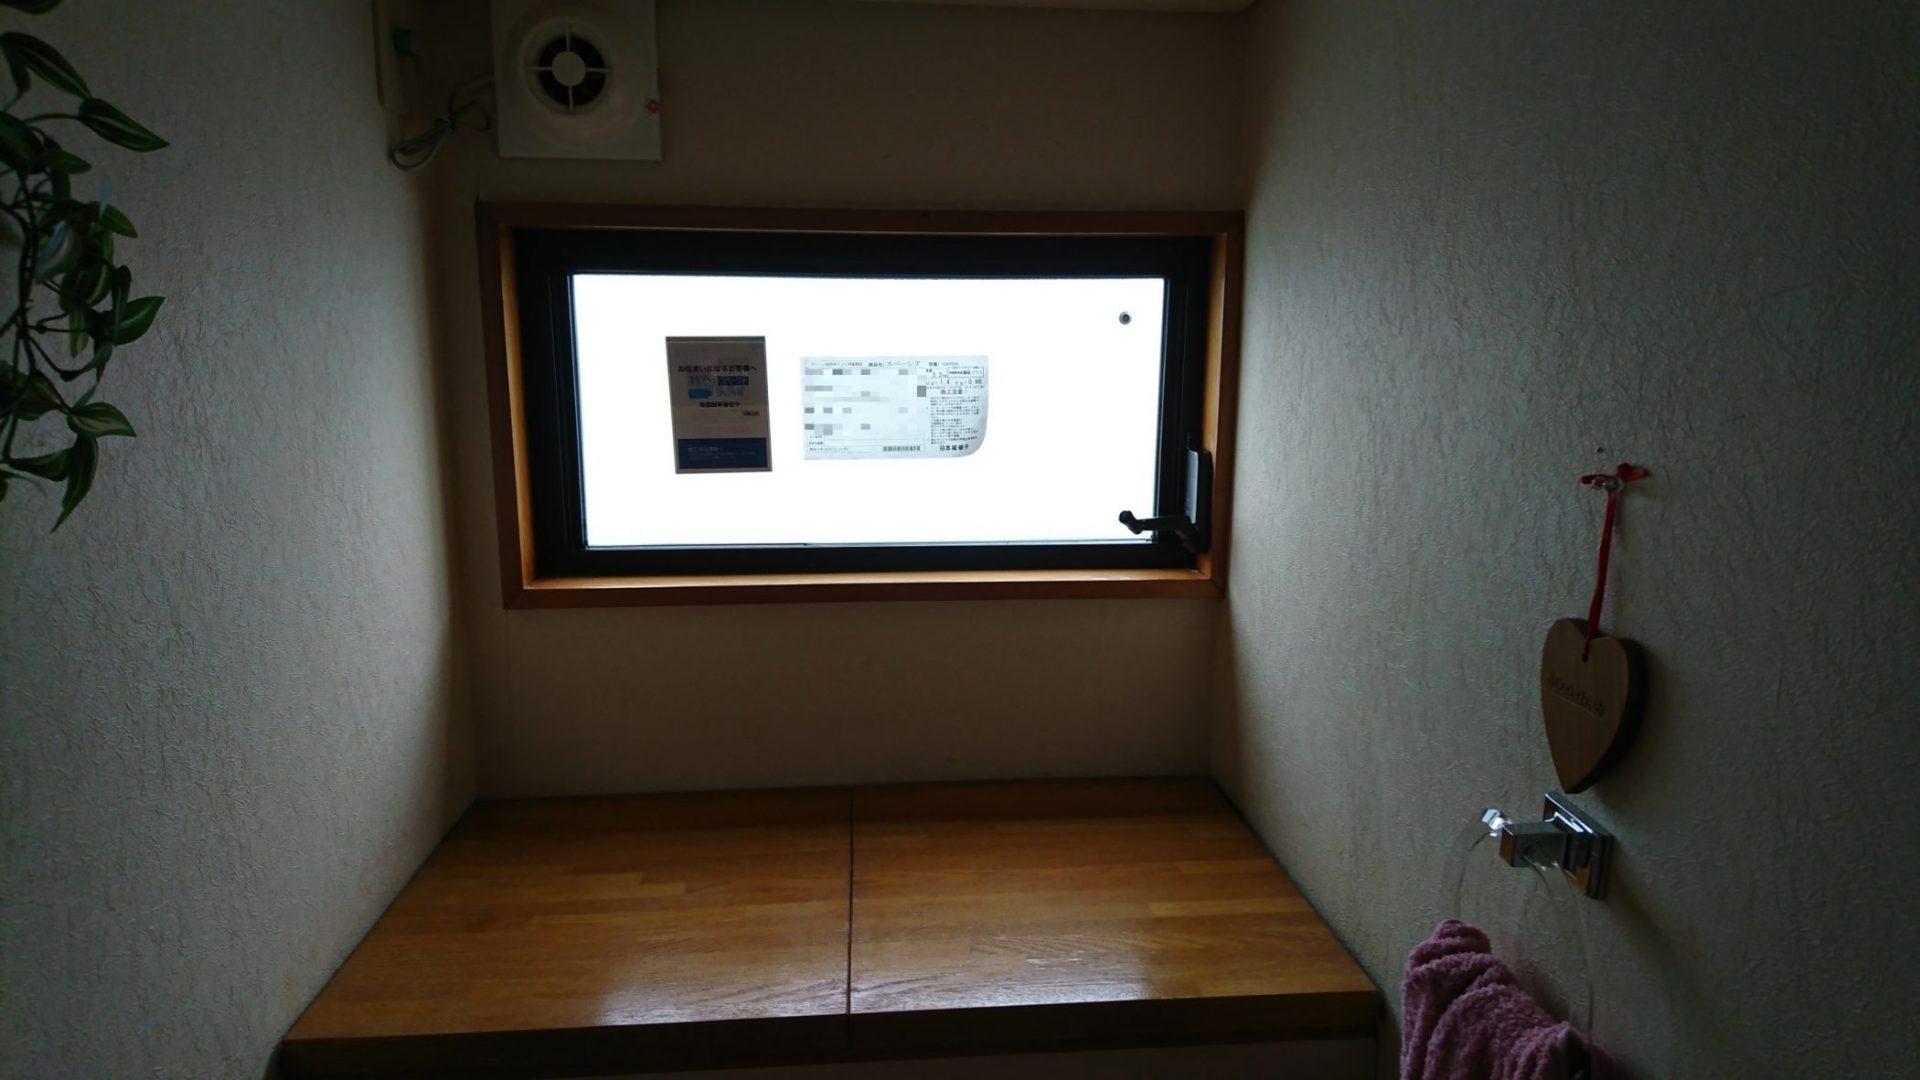 新潟市 窓ガラスを真空ガラスへかんたん入替!